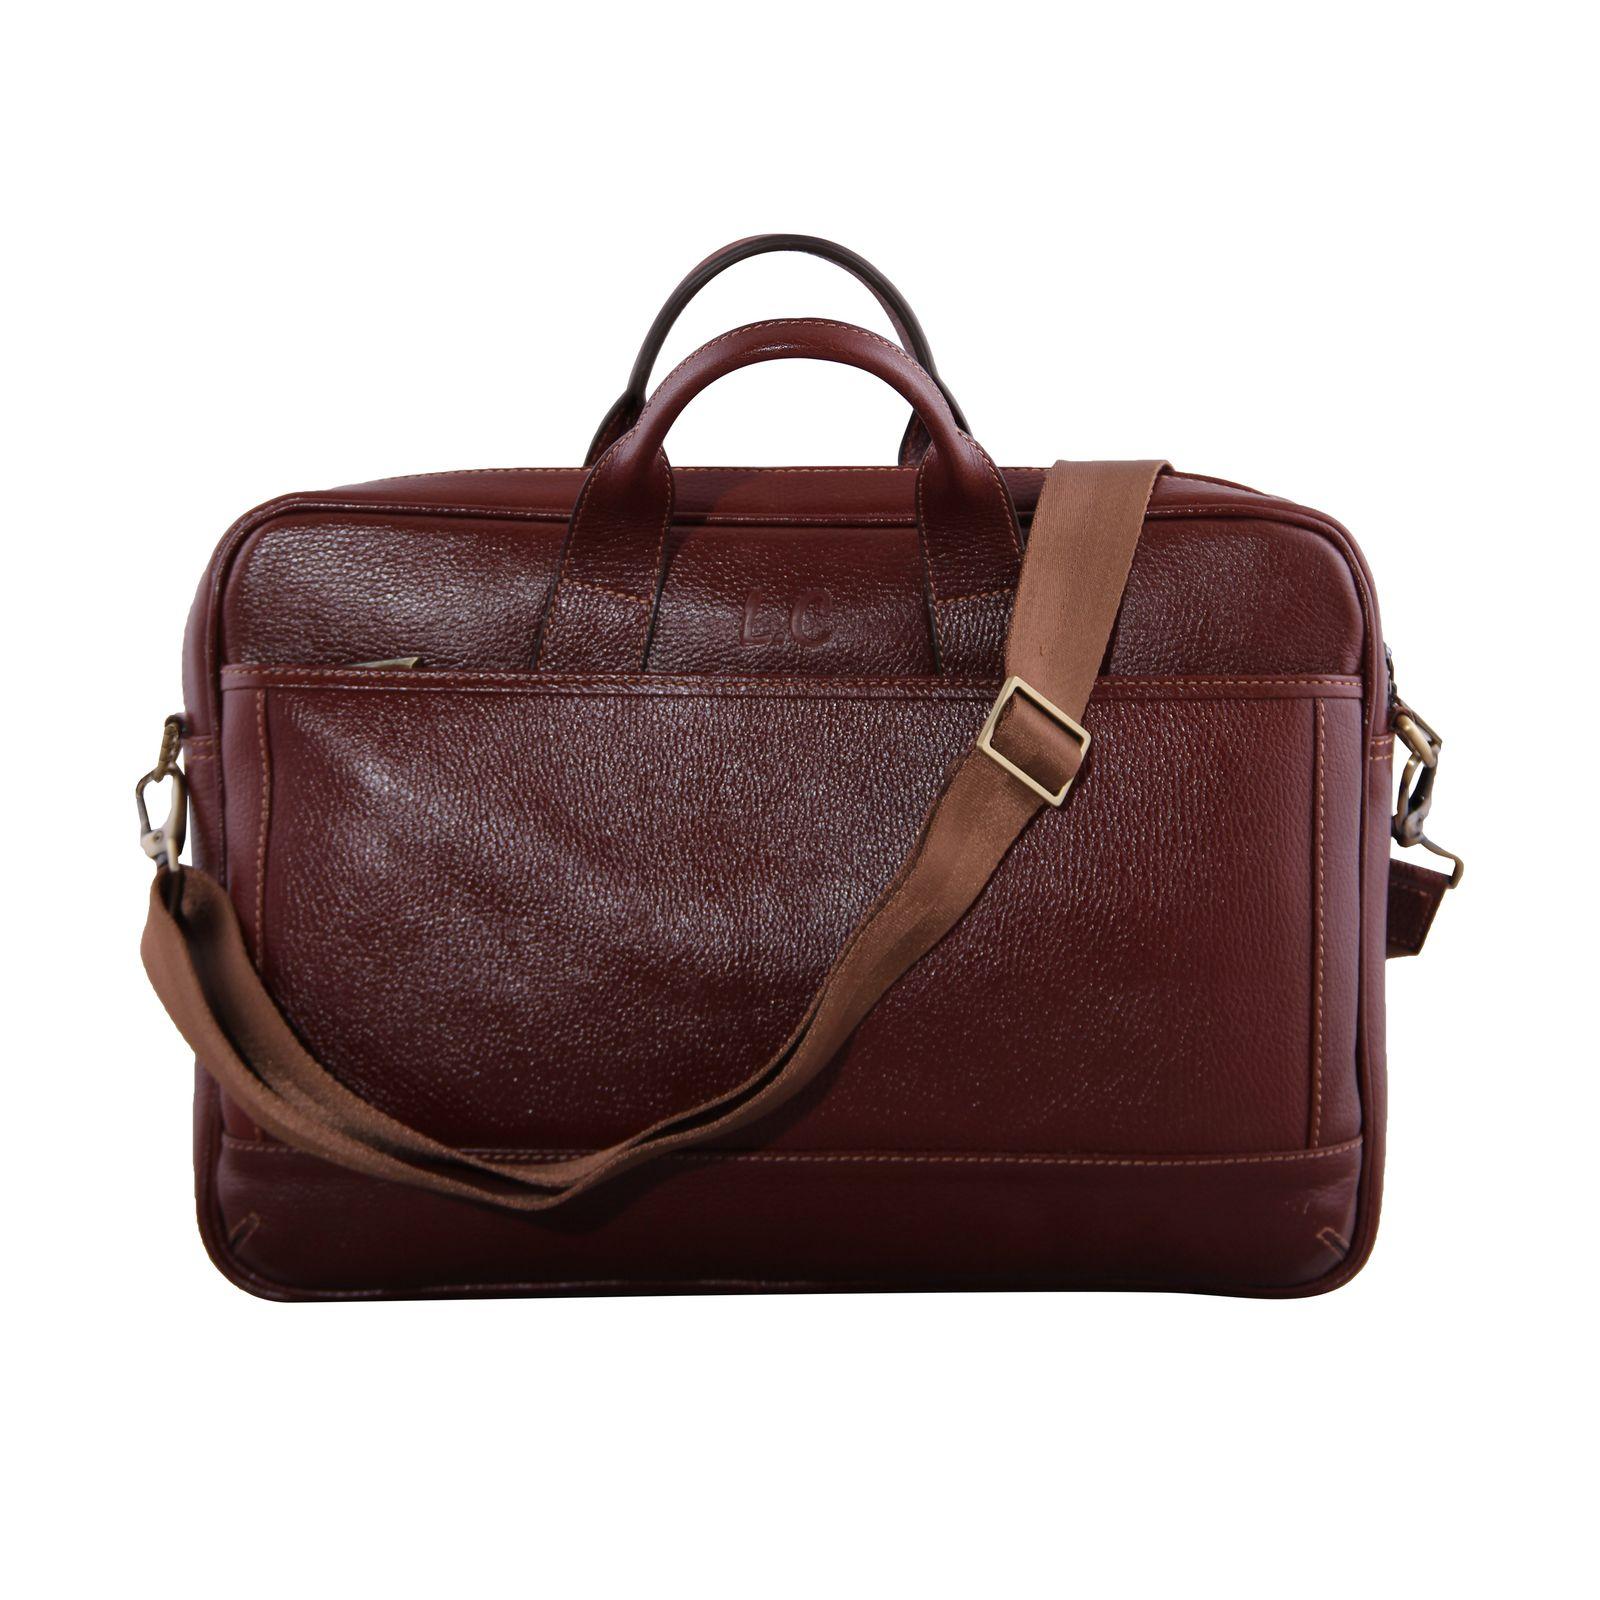 کیف اداری مردانه شهر چرم مدل SH11101-3 -  - 9